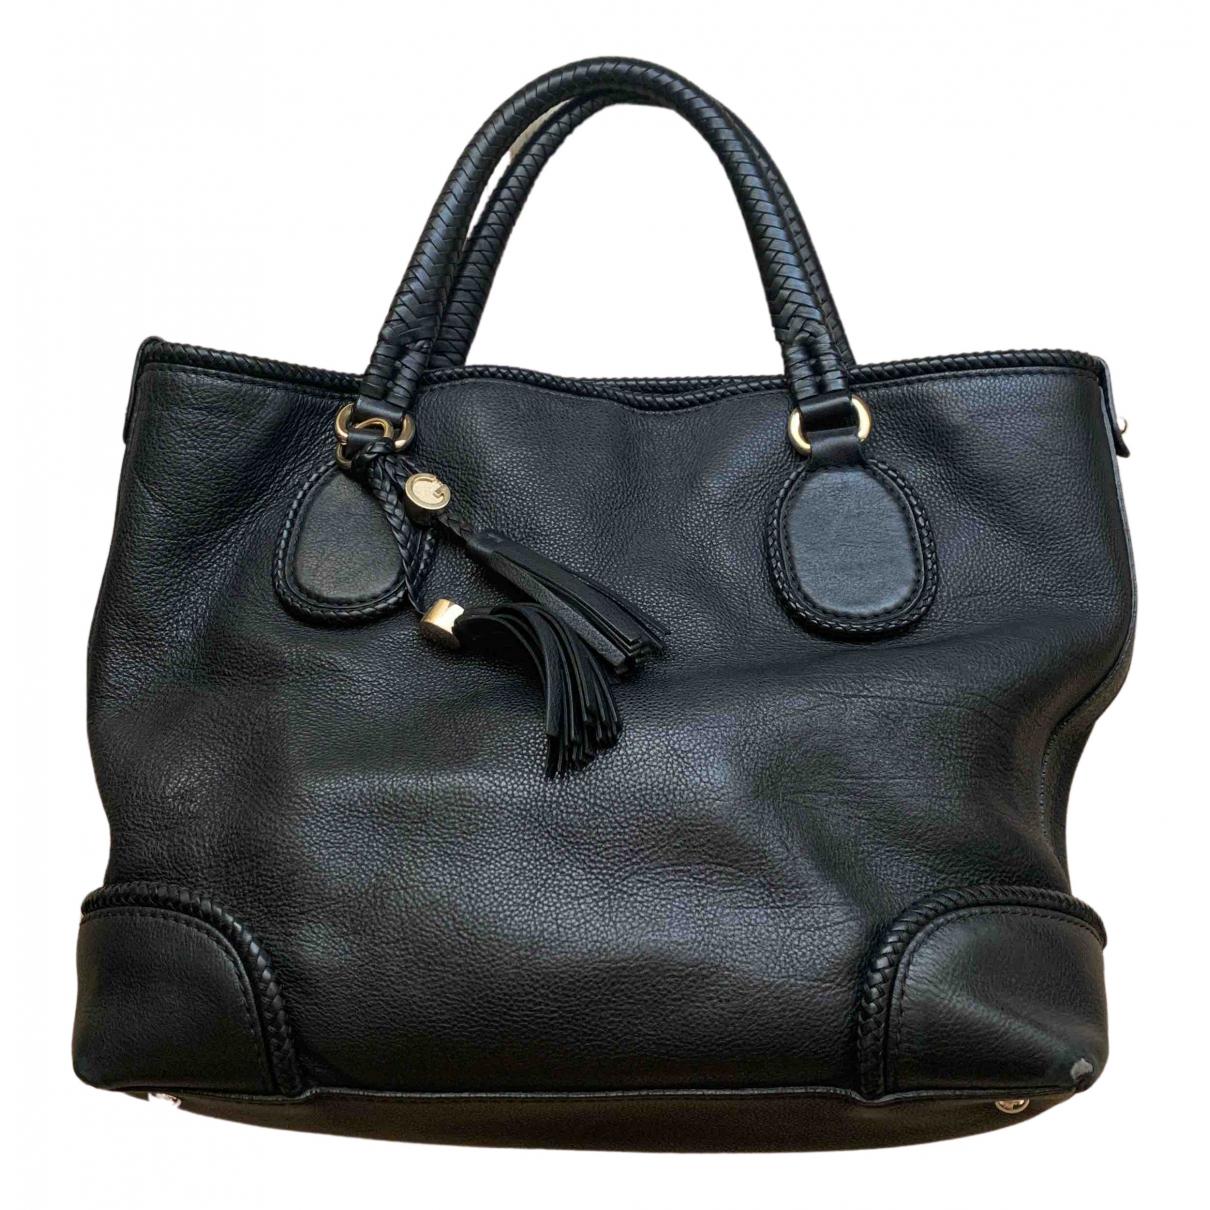 Gucci - Sac a main   pour femme en cuir - noir